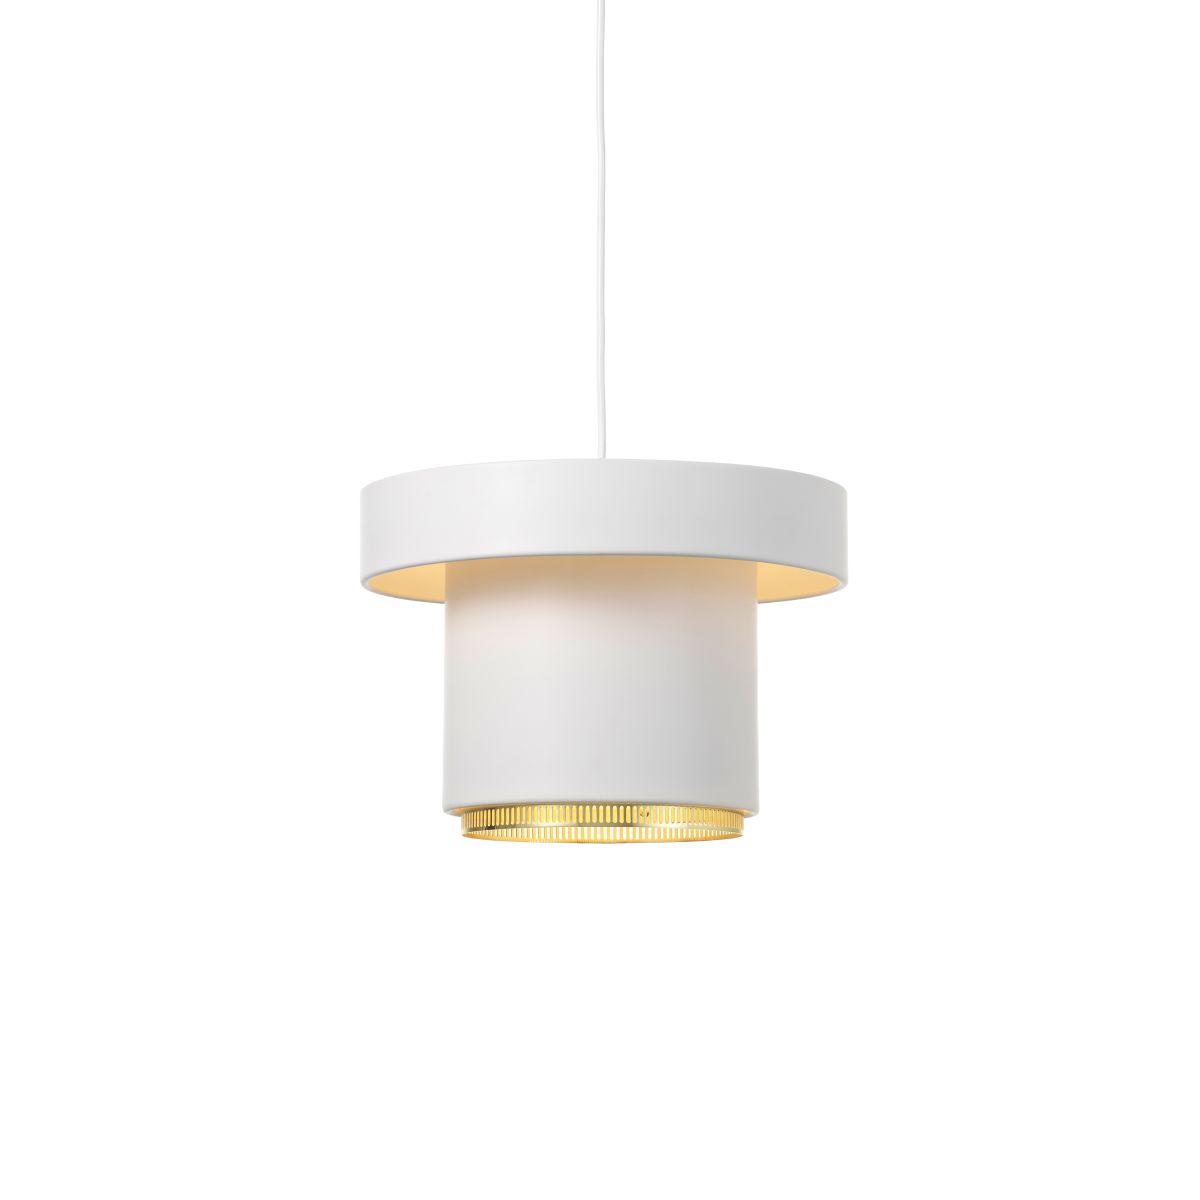 A201-white-brass-light-on_F-2859733